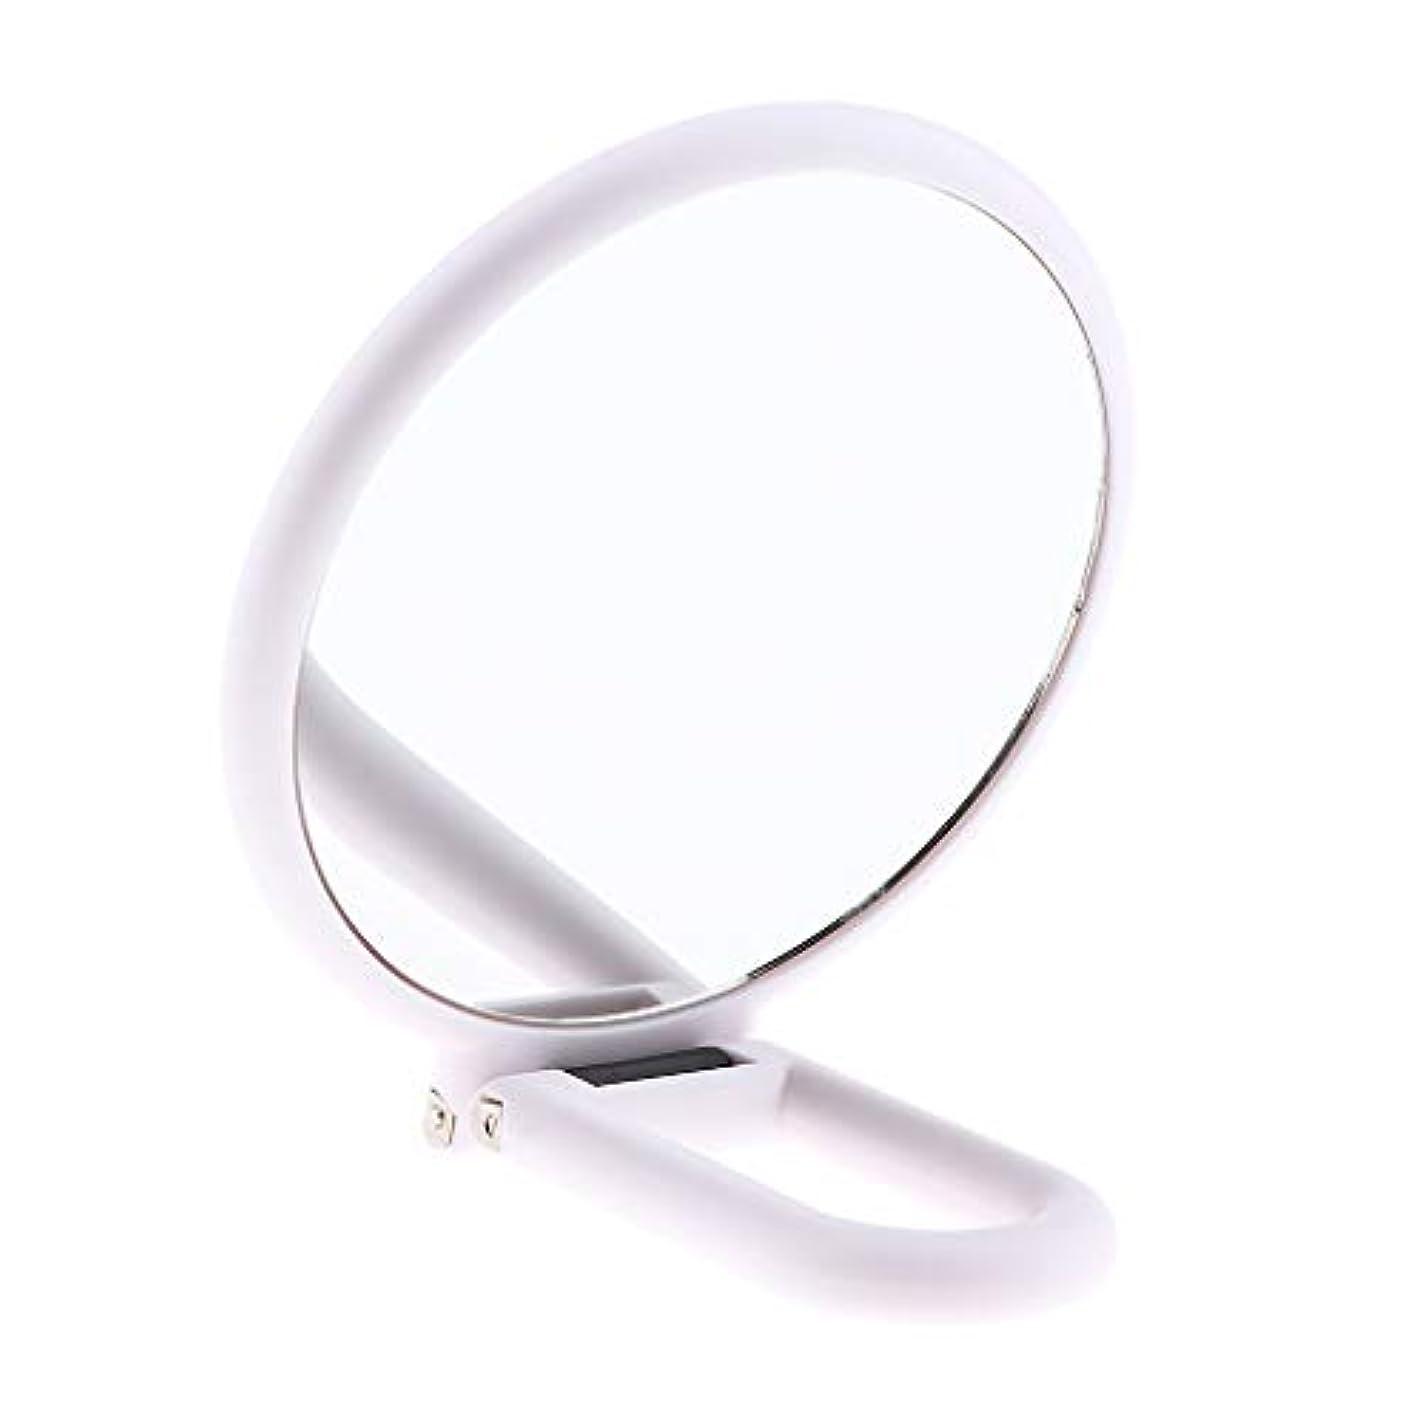 Perfeclan 両面化粧鏡 ラウンド メイクアップミラー 化粧ミラー 折り畳み式 持ち運び 便利 全5選択 - 10倍